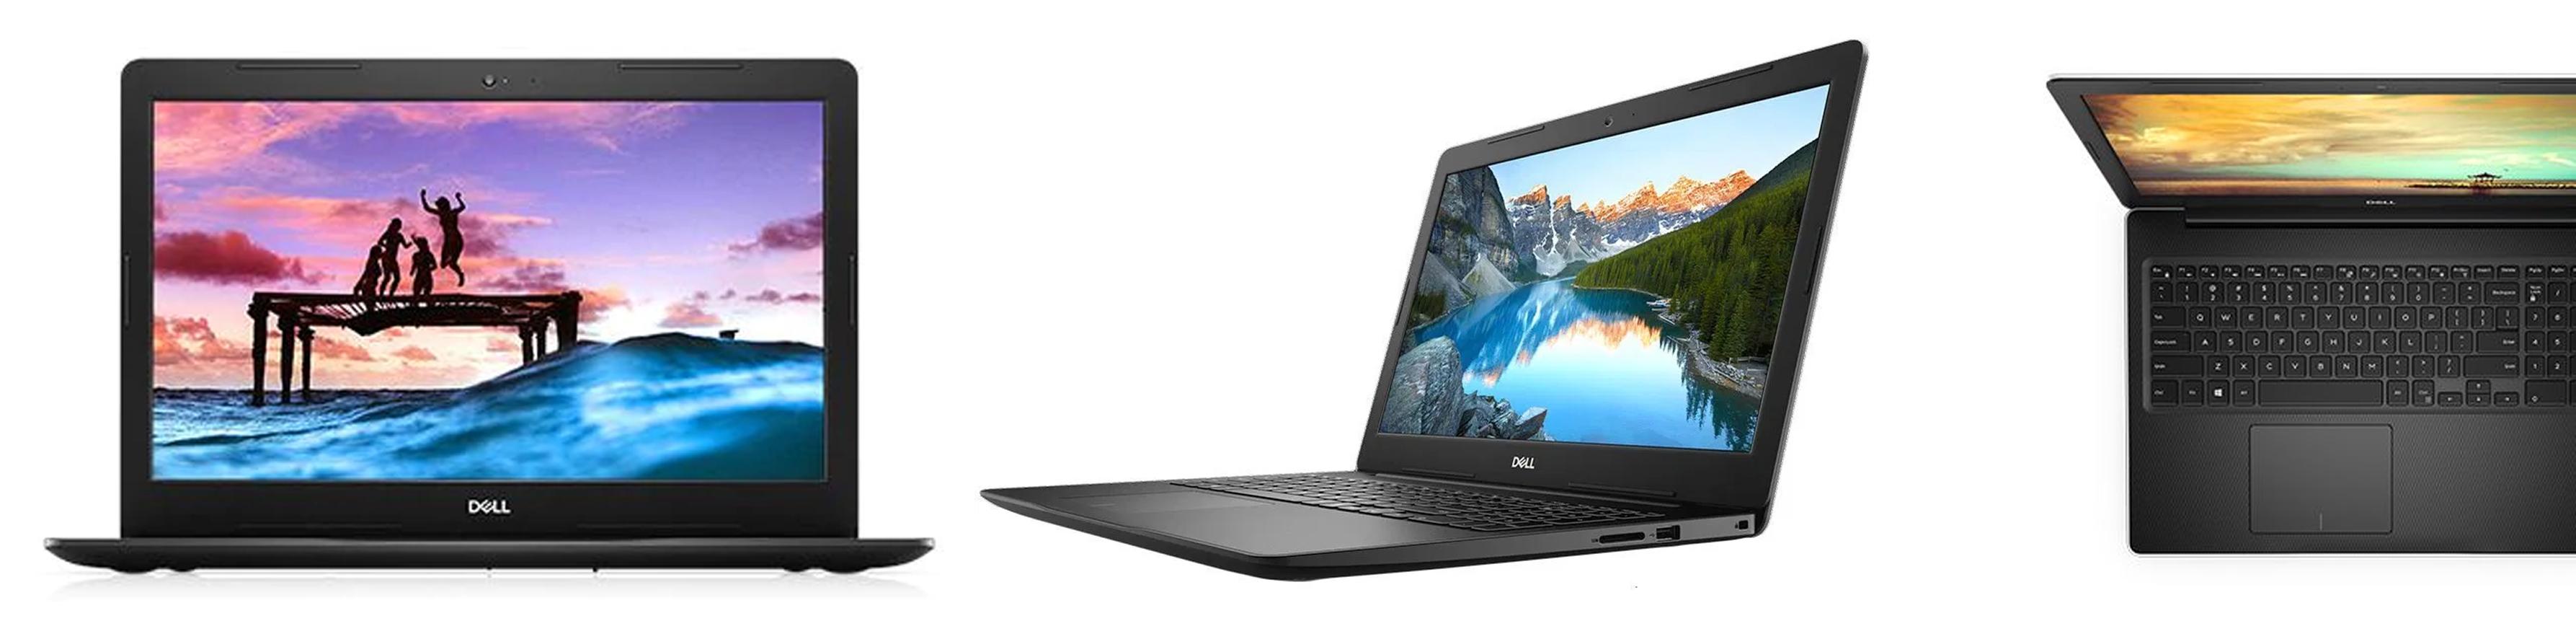 Inspiron 15 3584 Laptop